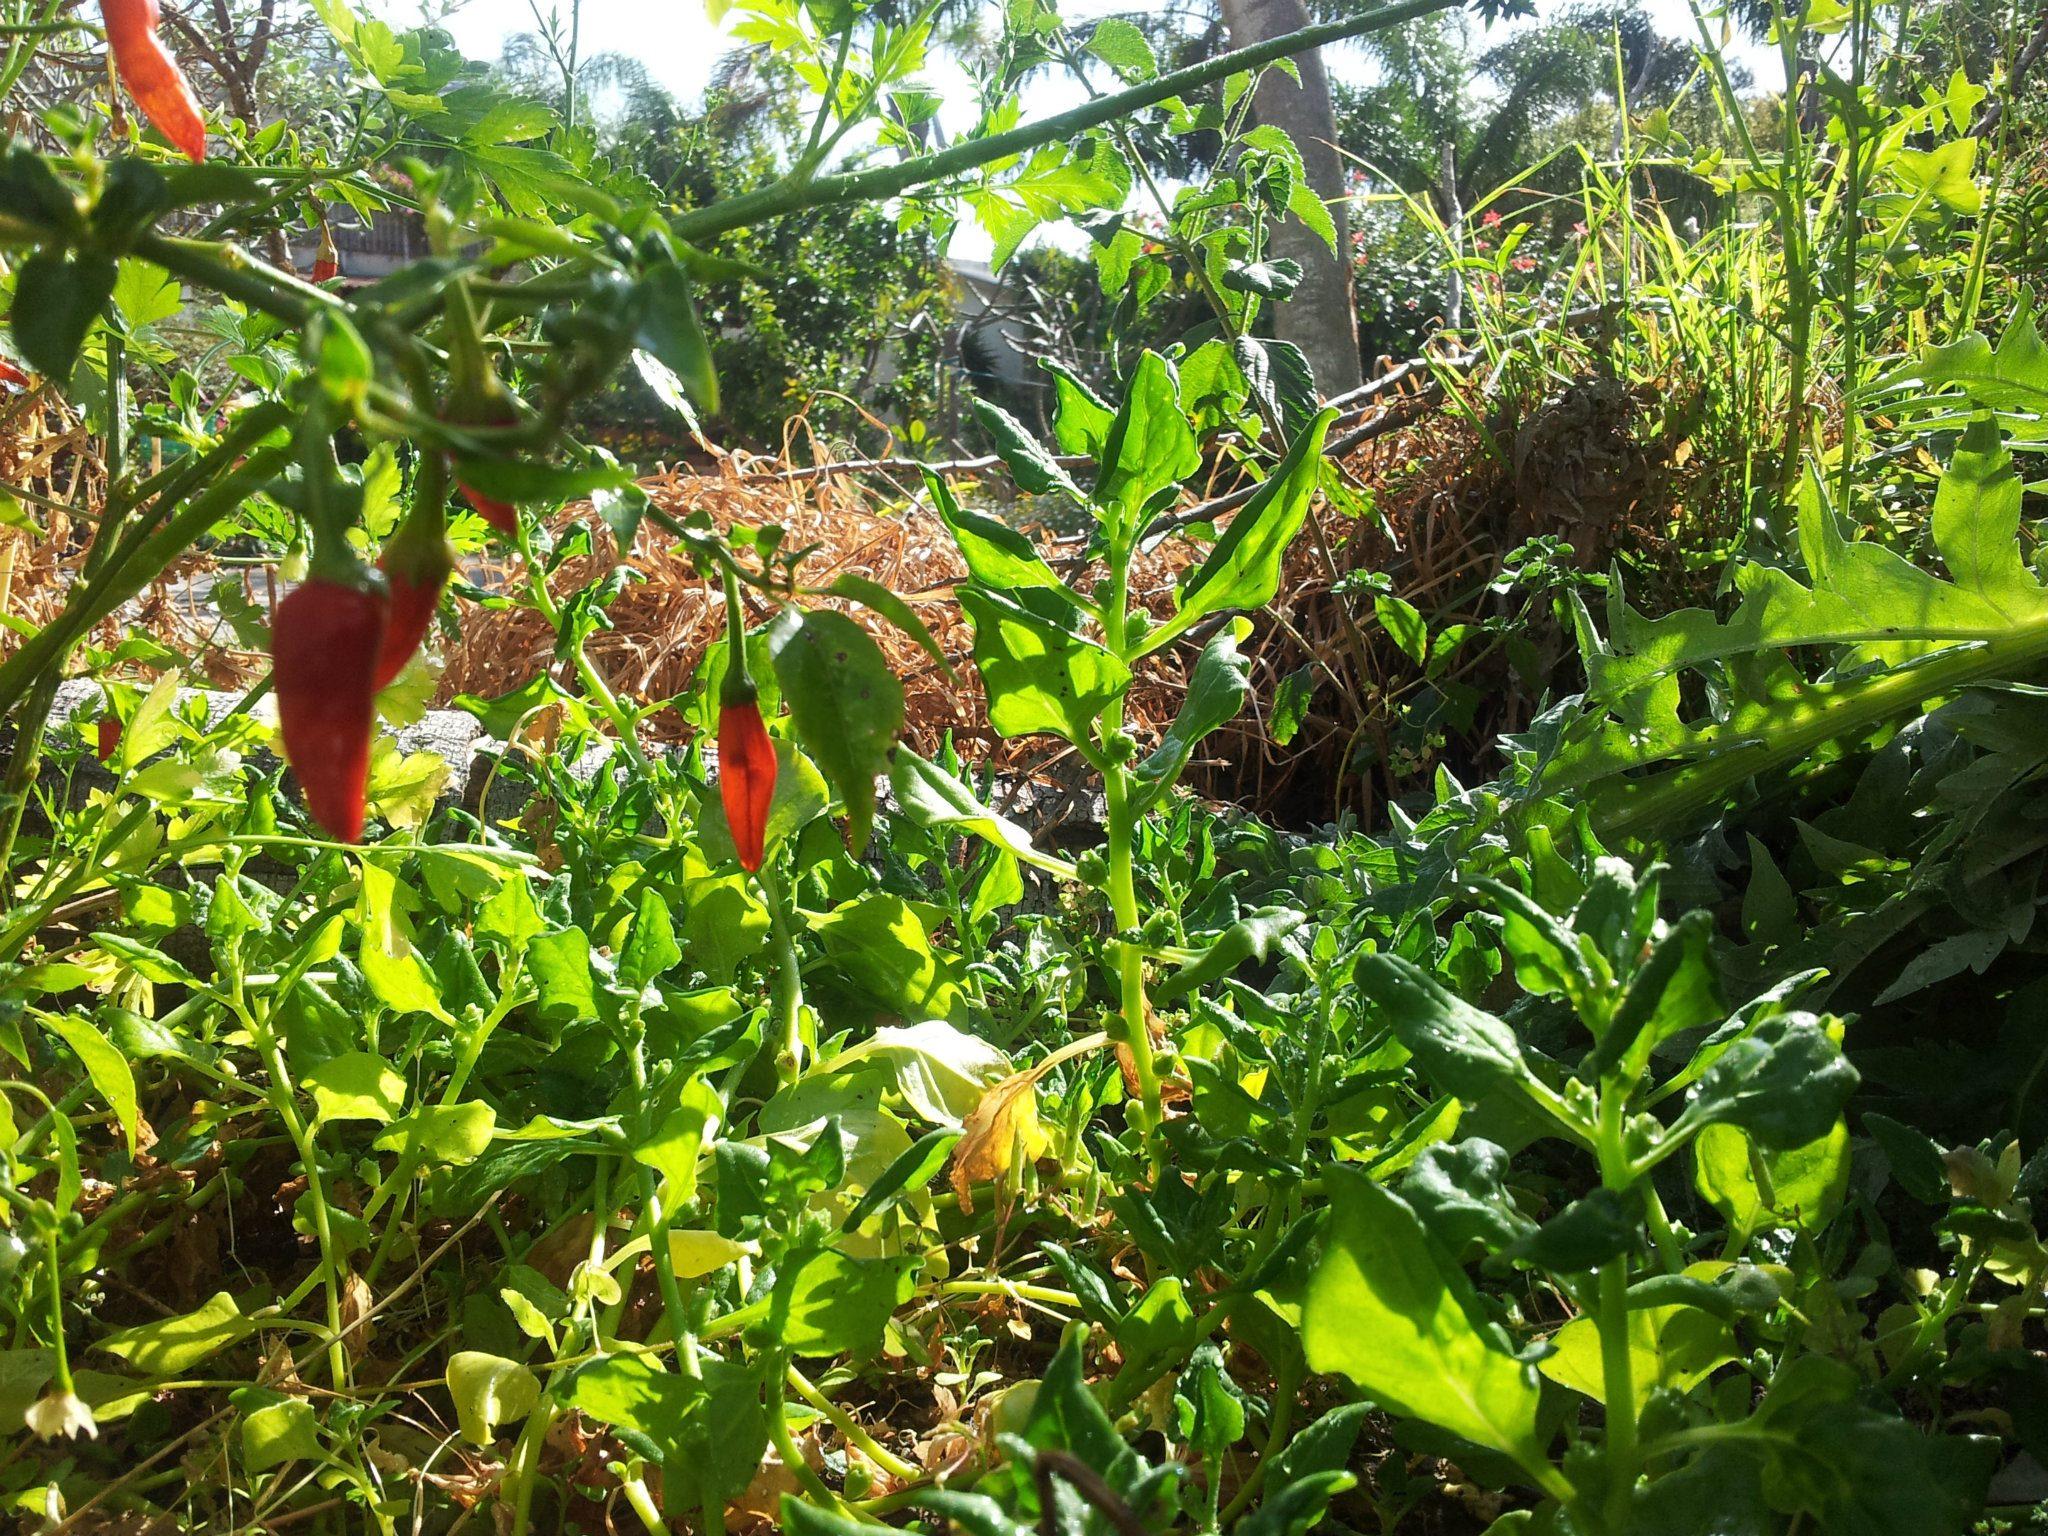 Chillies and Spinach DvoraFreedman